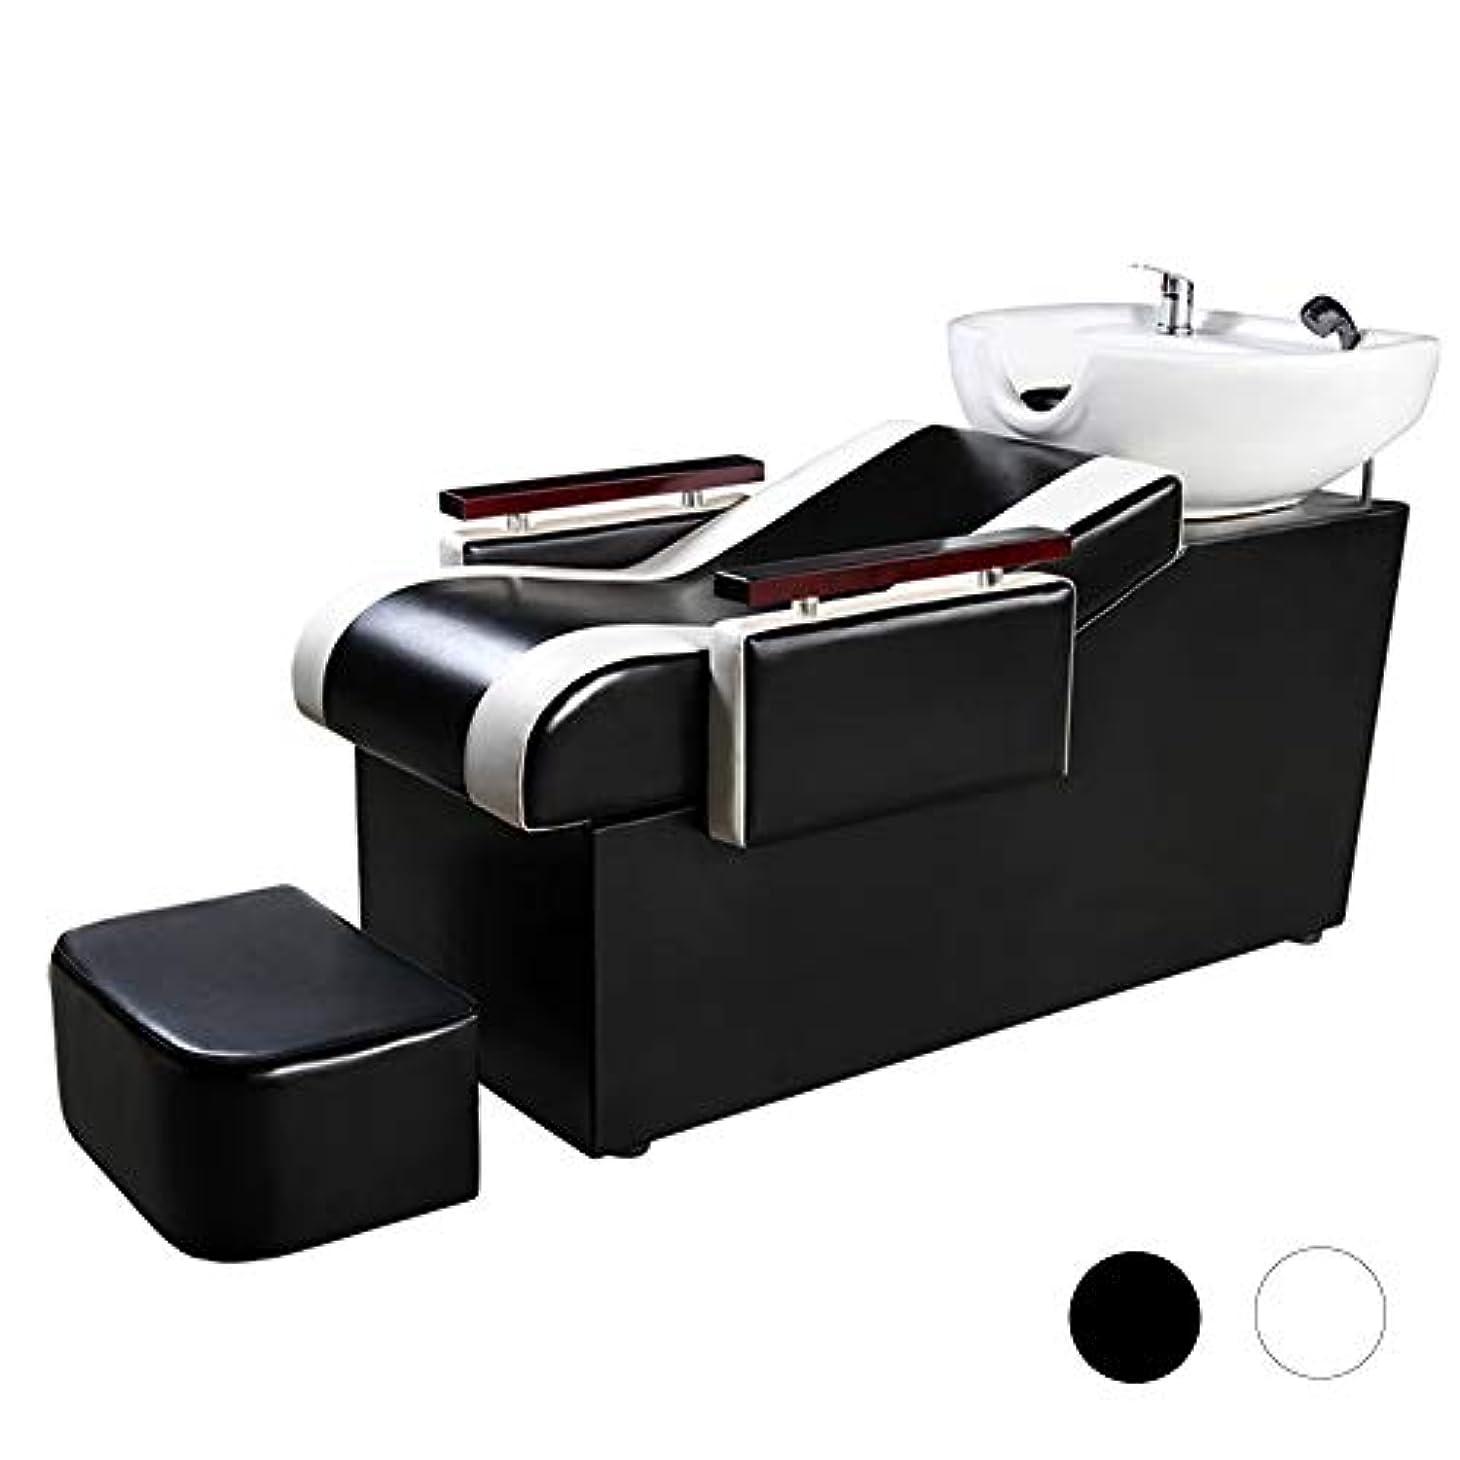 衝突慣性構成シャンプーチェア、スパ用美容院設備用シャンプーボウル理髪シンクチェアシャンプーベッド(ブラック)